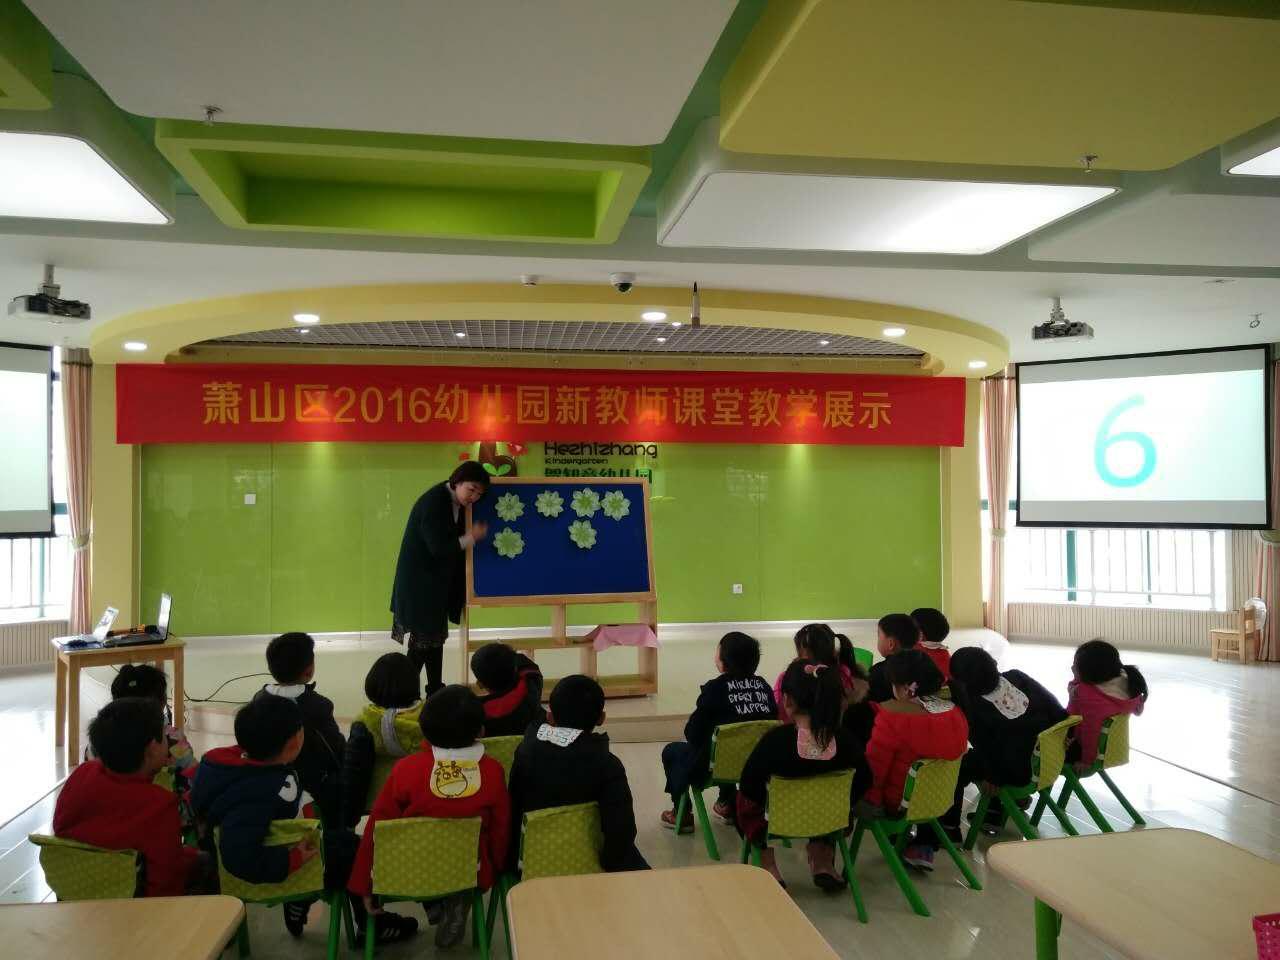 學員評課 餐后,區教研室副主任俞春云老師與學員們分享了《如何進行幼兒園集體教學活動的設計和組織》,她指出教學活動的設計要從三方面出發:主題目標,從理解主題說明、主題背景、編寫意圖出發設定主題目標;領域特點,基于領域內活動的內在結構,制定相應的課程設計;以兒童的年齡特點為依據,合理調配教學活動的重難點。結合實例,俞主任對這次新教師匯報課活動進行剖析、總結,充分肯定了新教師課堂教學中的亮點、閃光點,同時也針對新教師課堂中存在的不足之處給予指出、改正,耐心地幫助老師們解決在課堂中遇到的問題,精練地提出了自己的